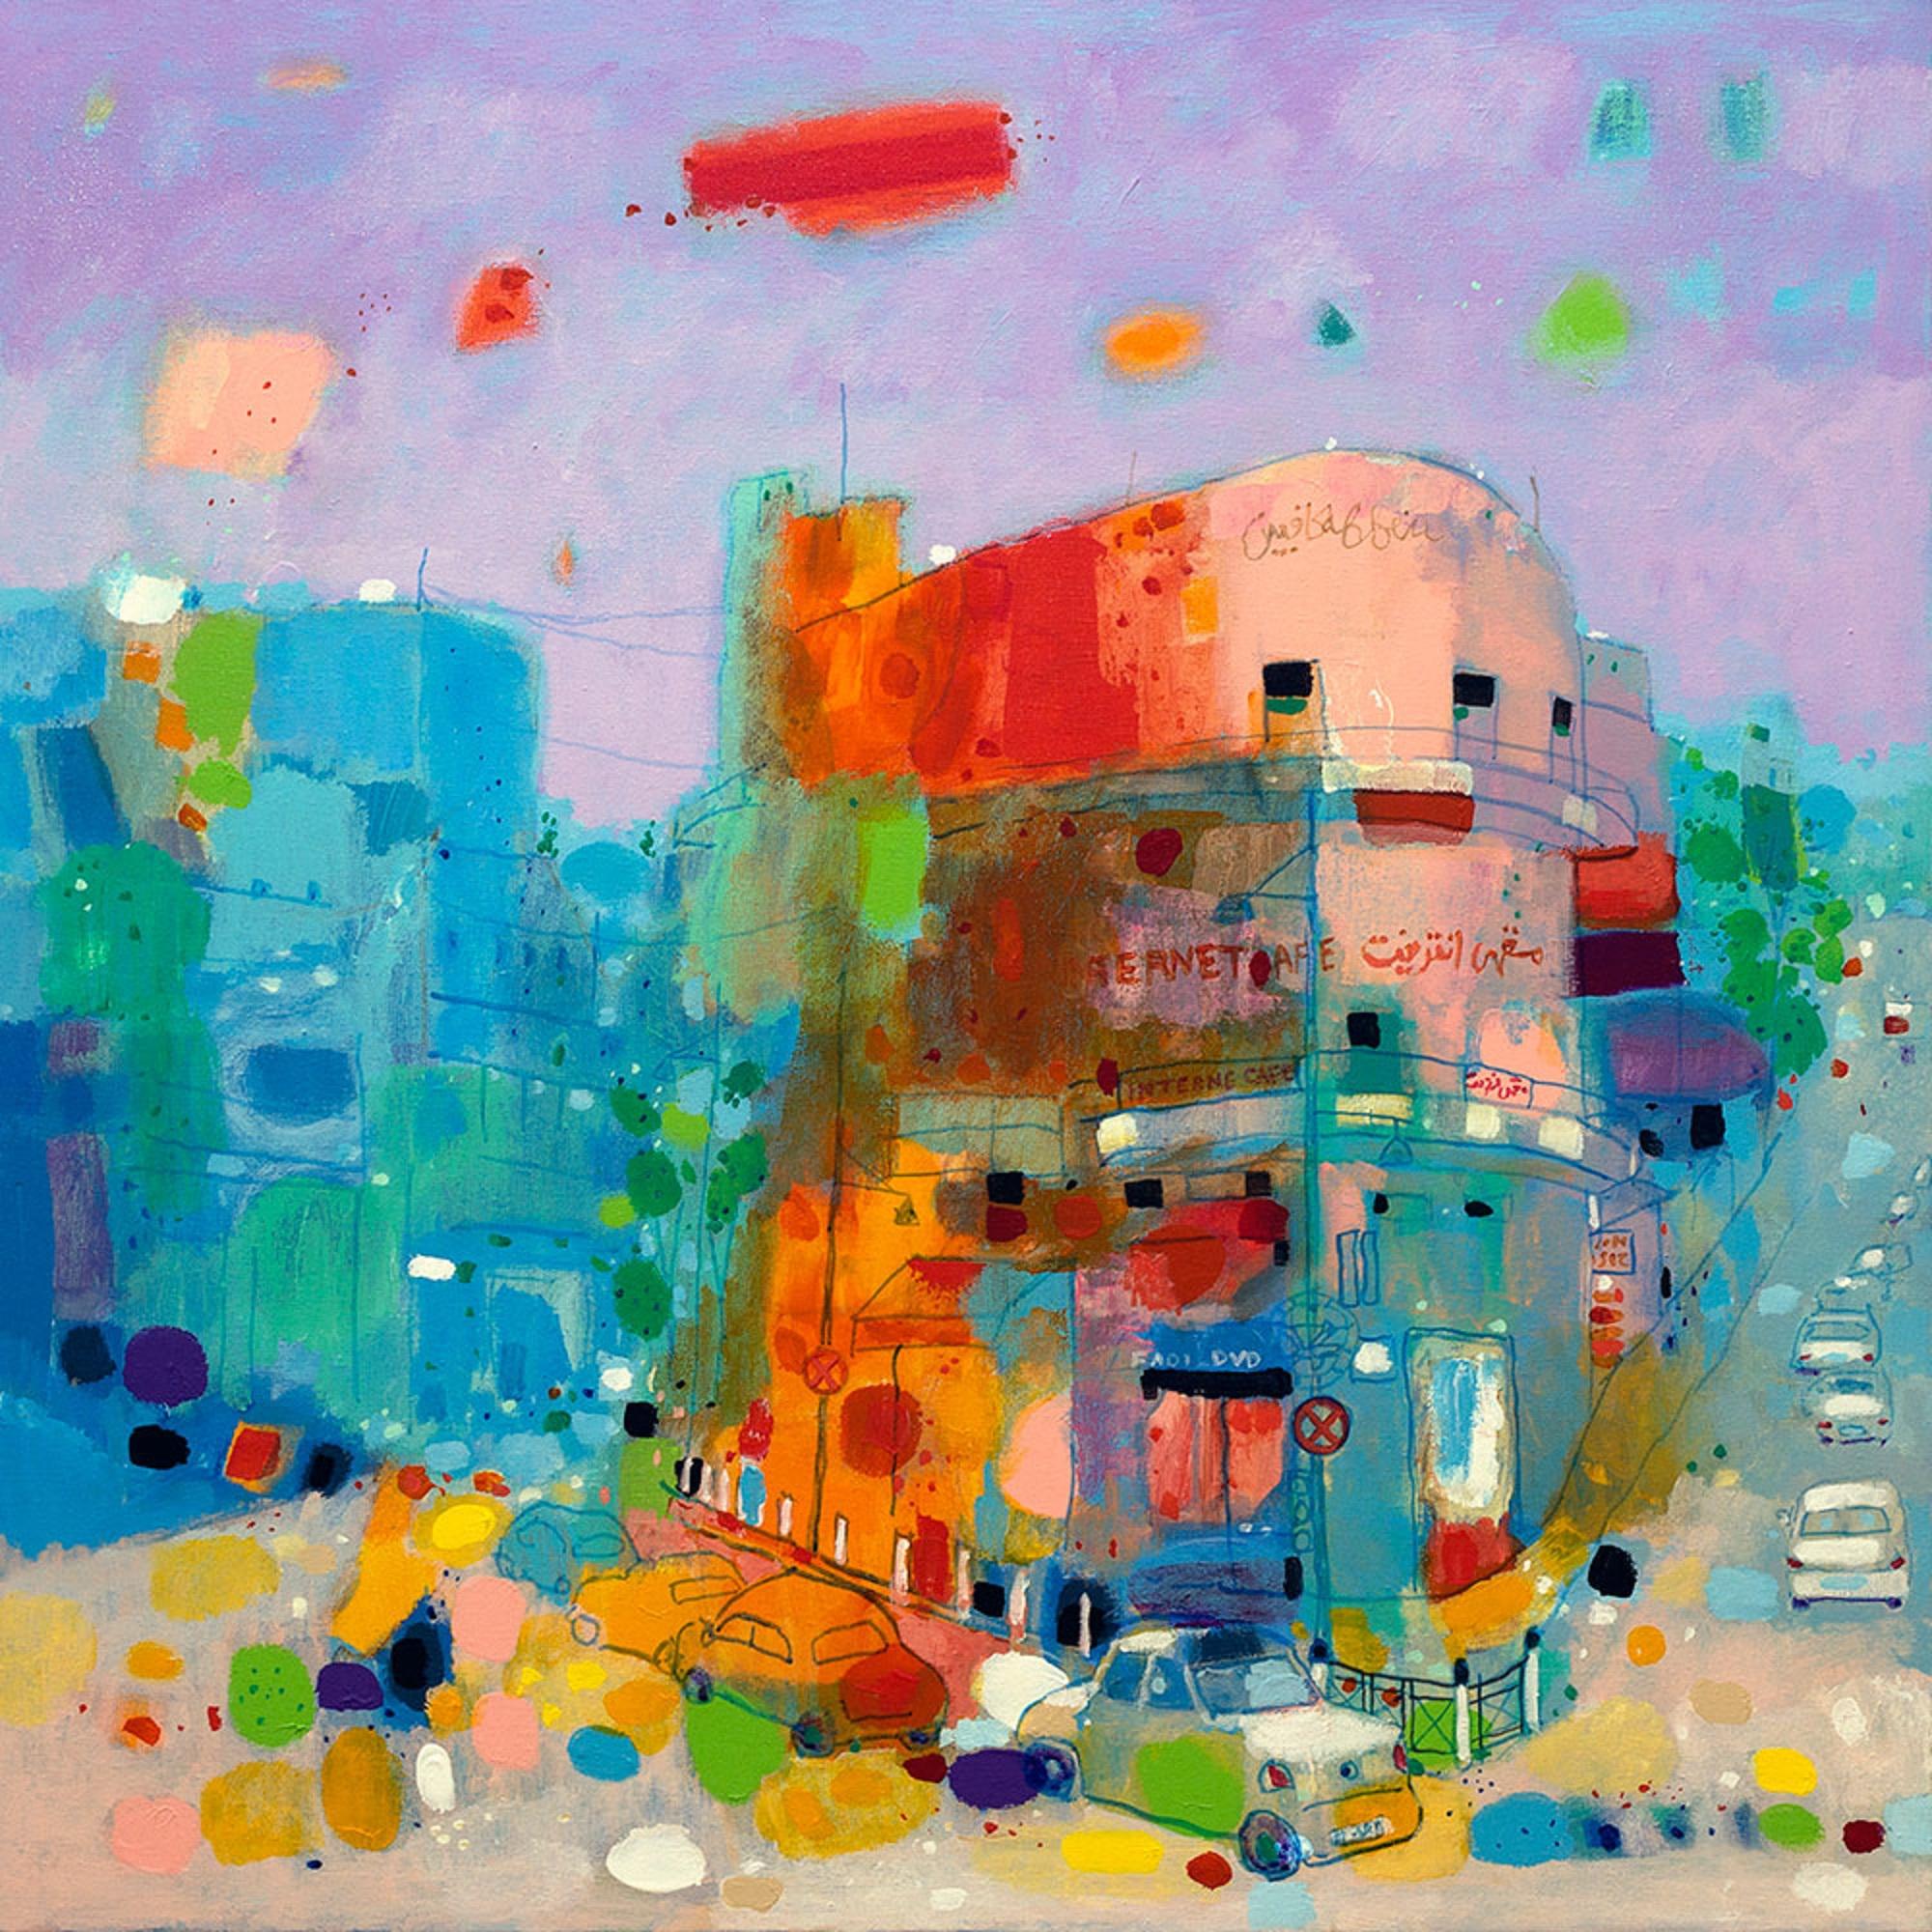 (عمل للفنان العراقي هاشم حنون، من المعرض)